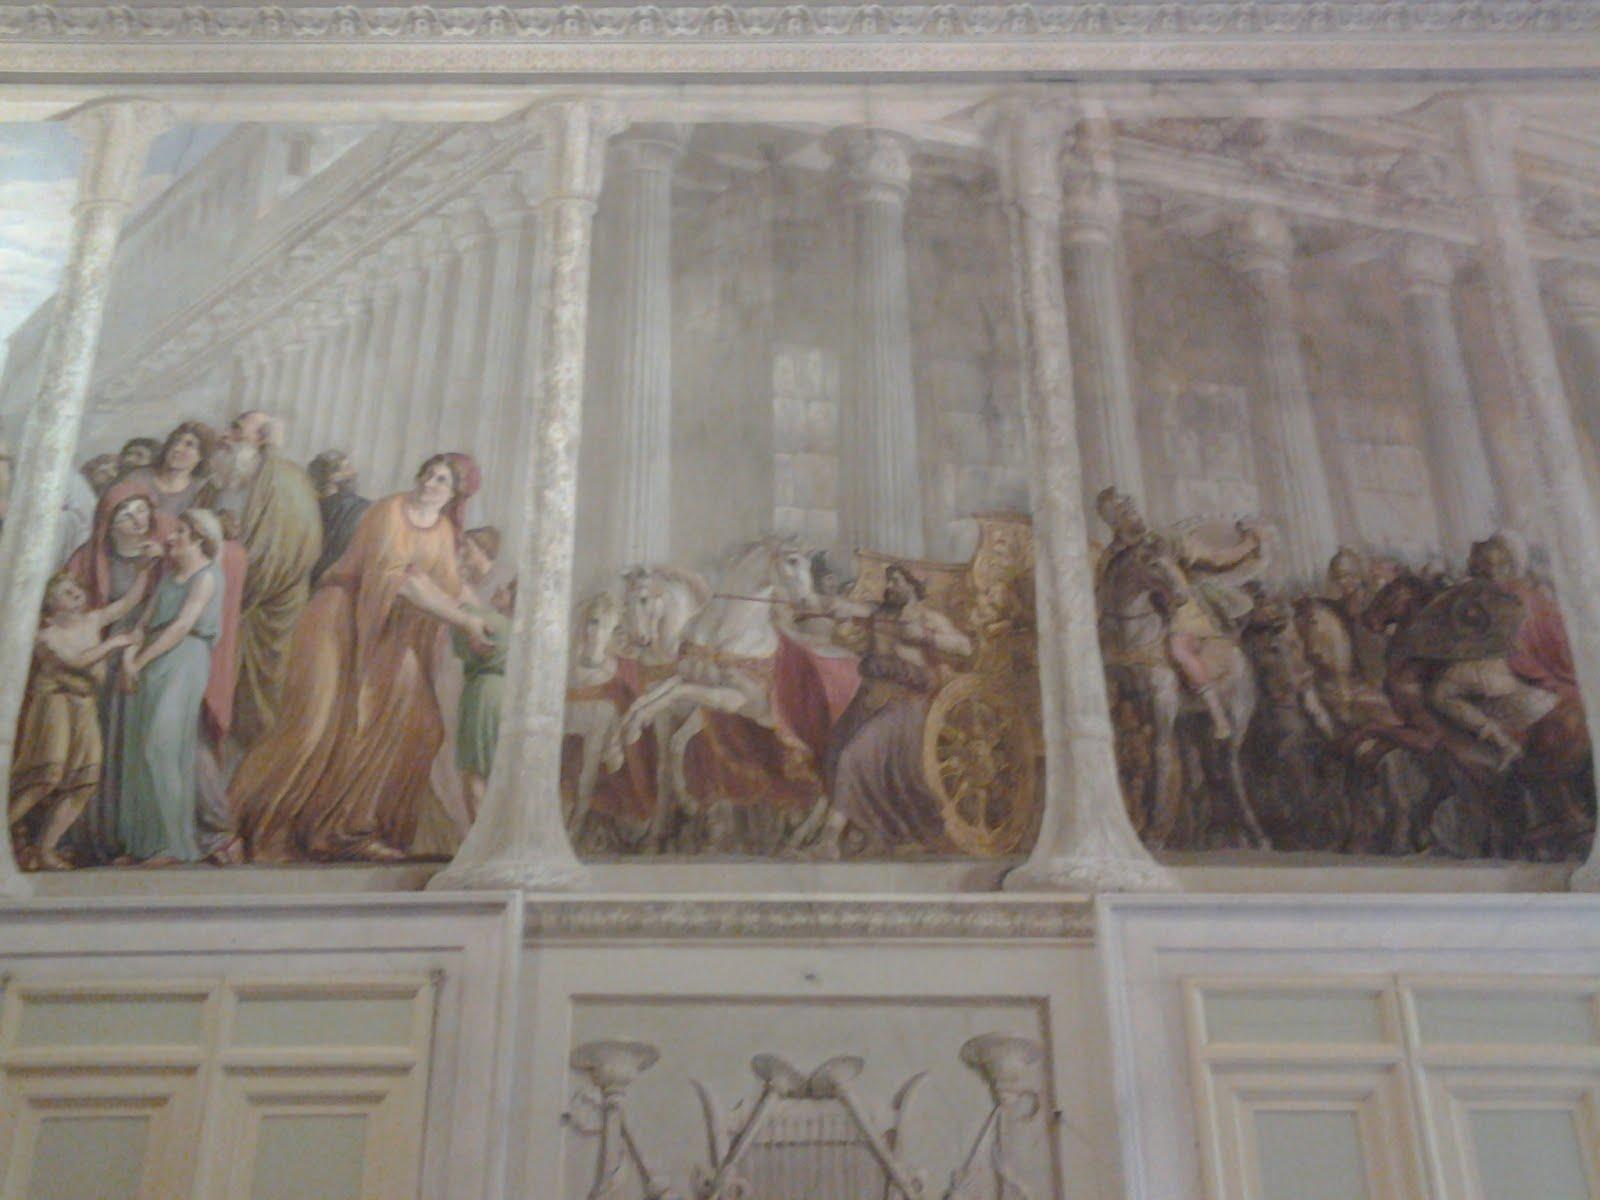 Decorazione a Palazzo Pitti ( FI) del pittore Luigi Ademollo